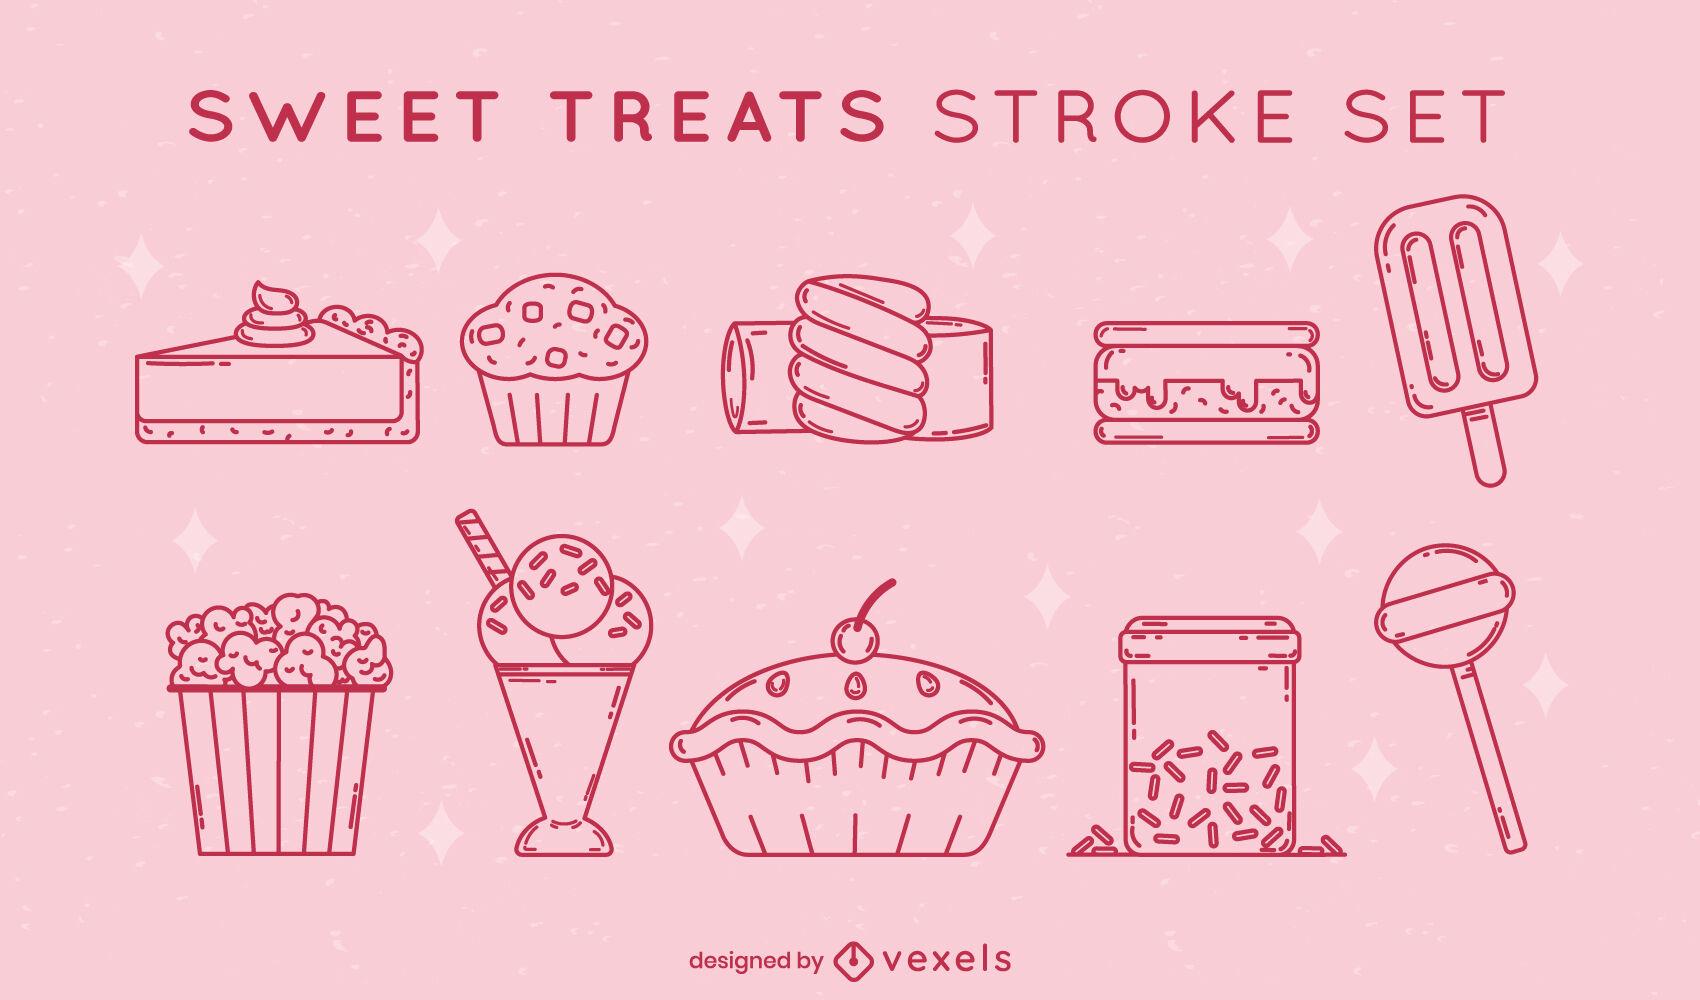 Sweet treats stroke set